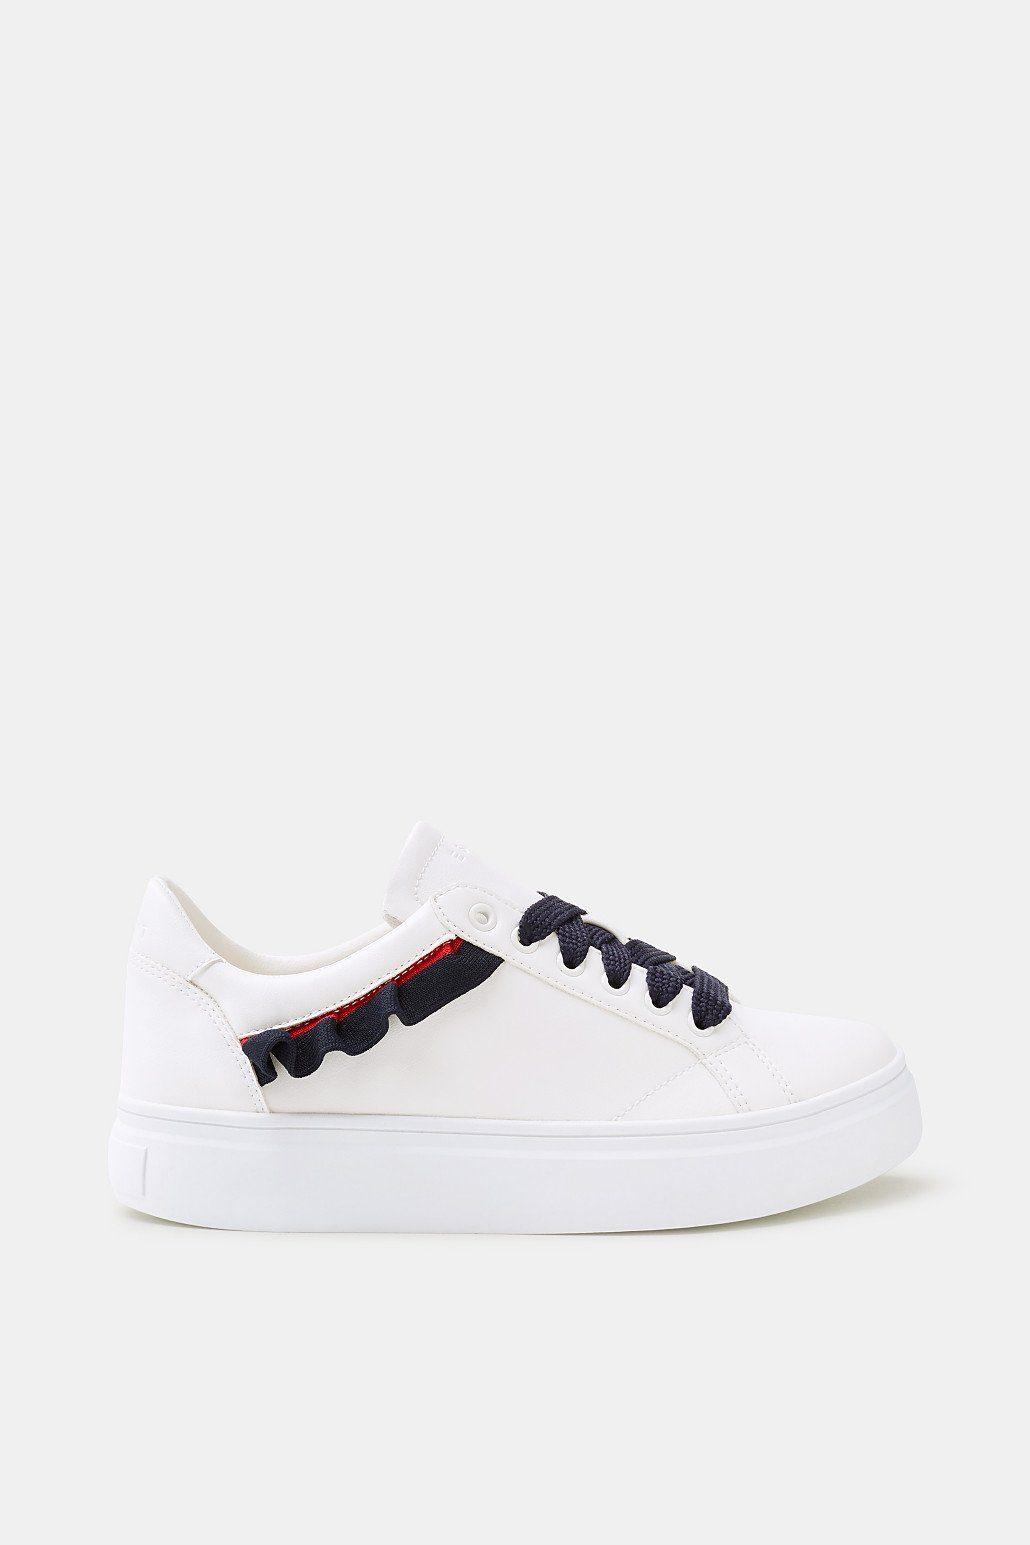 Esprit Trend-Sneaker mit Rüschen-Details für Damen, Größe 36, White